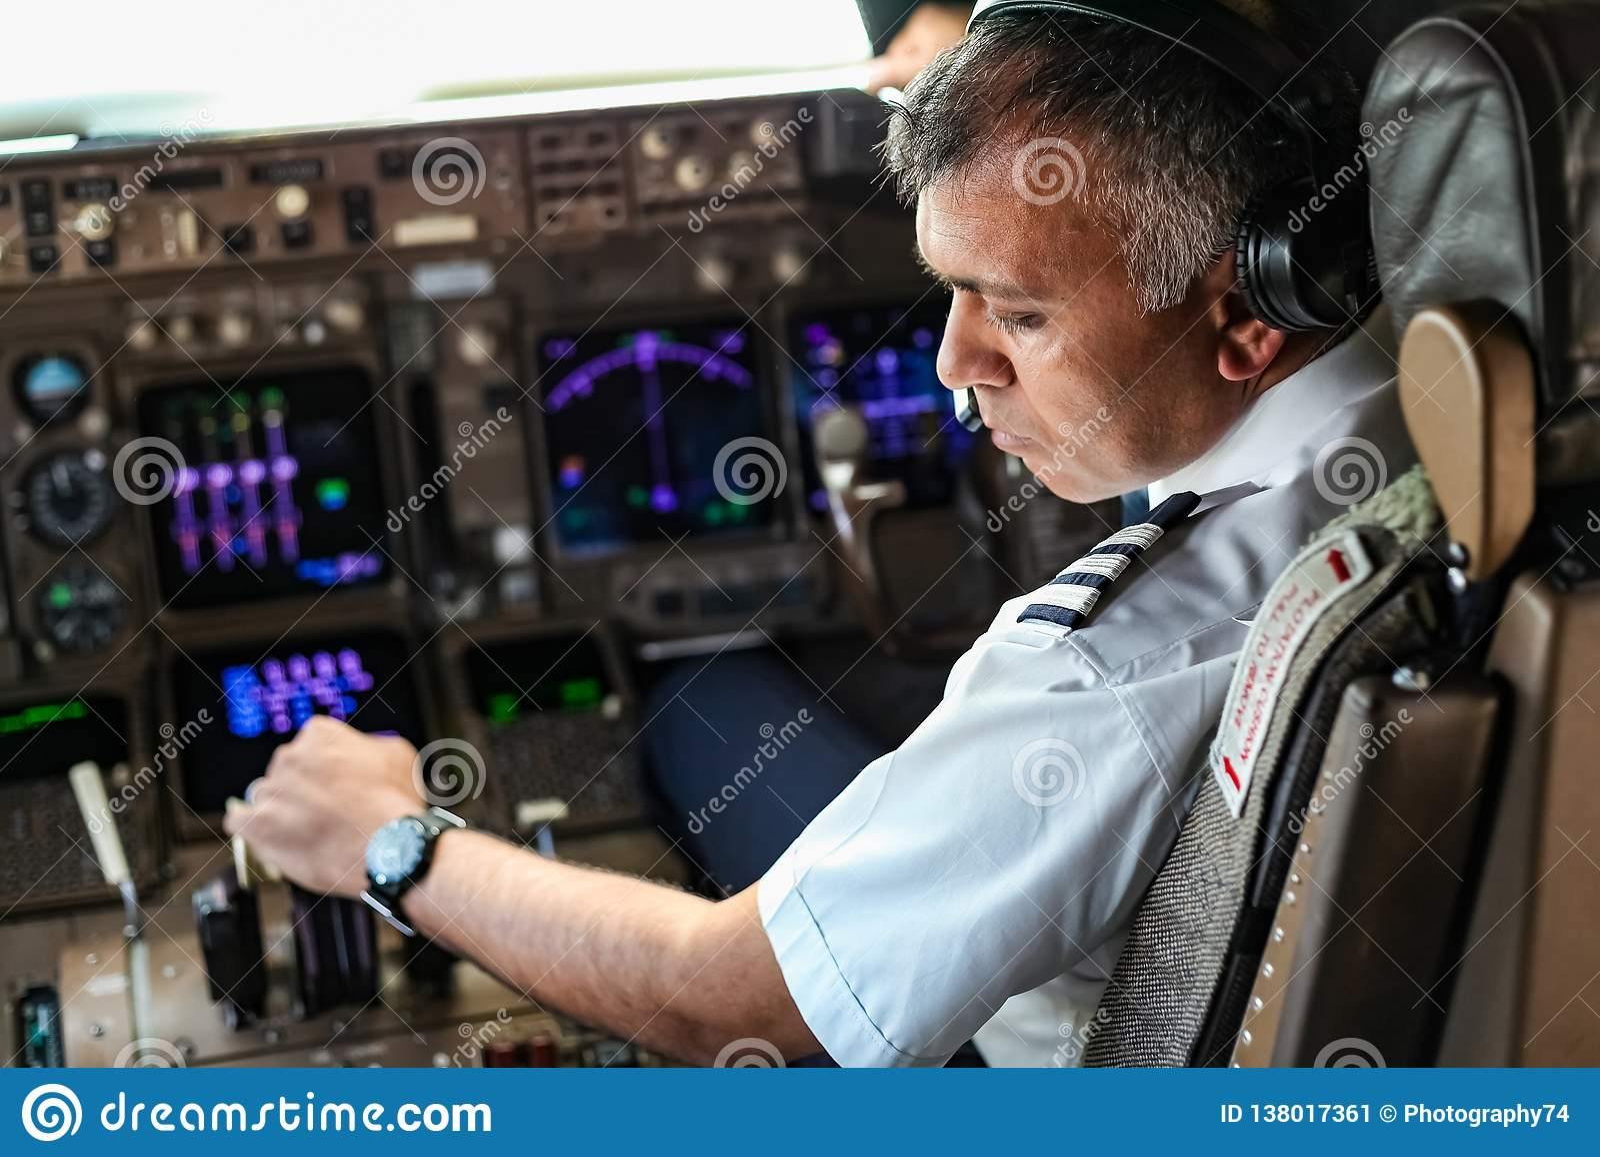 Över skuldran av en indisk pilot i en jumbocockpit